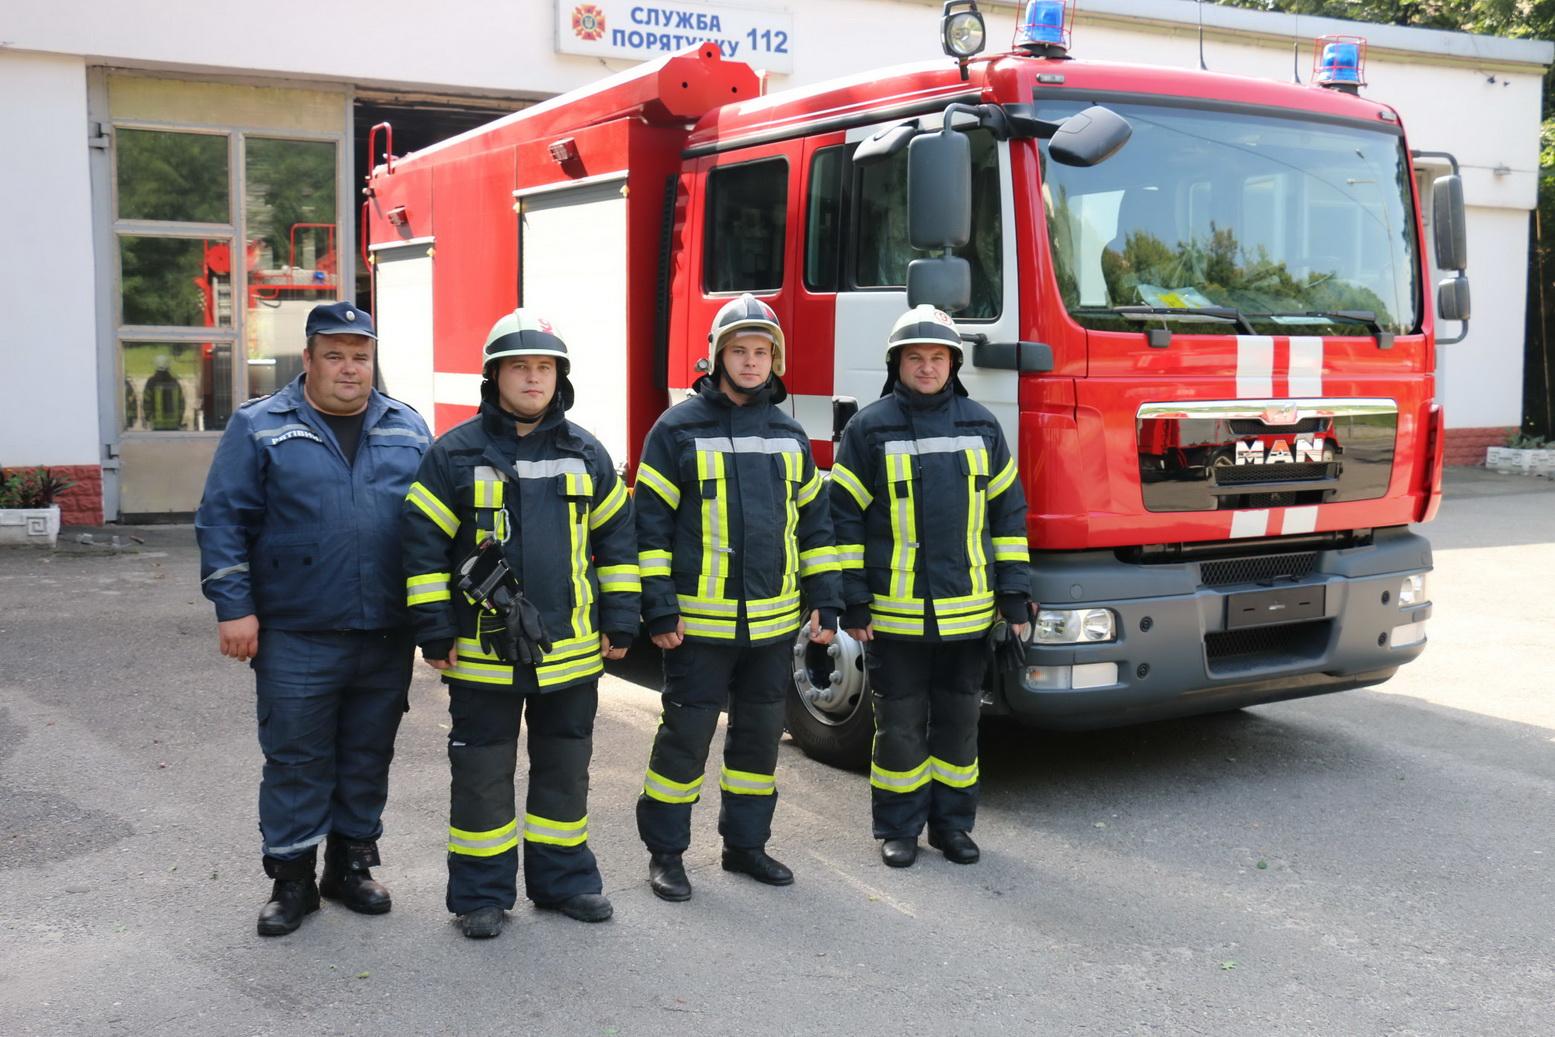 Харківські пожежні отримали ультрасучасну машину - фото 1